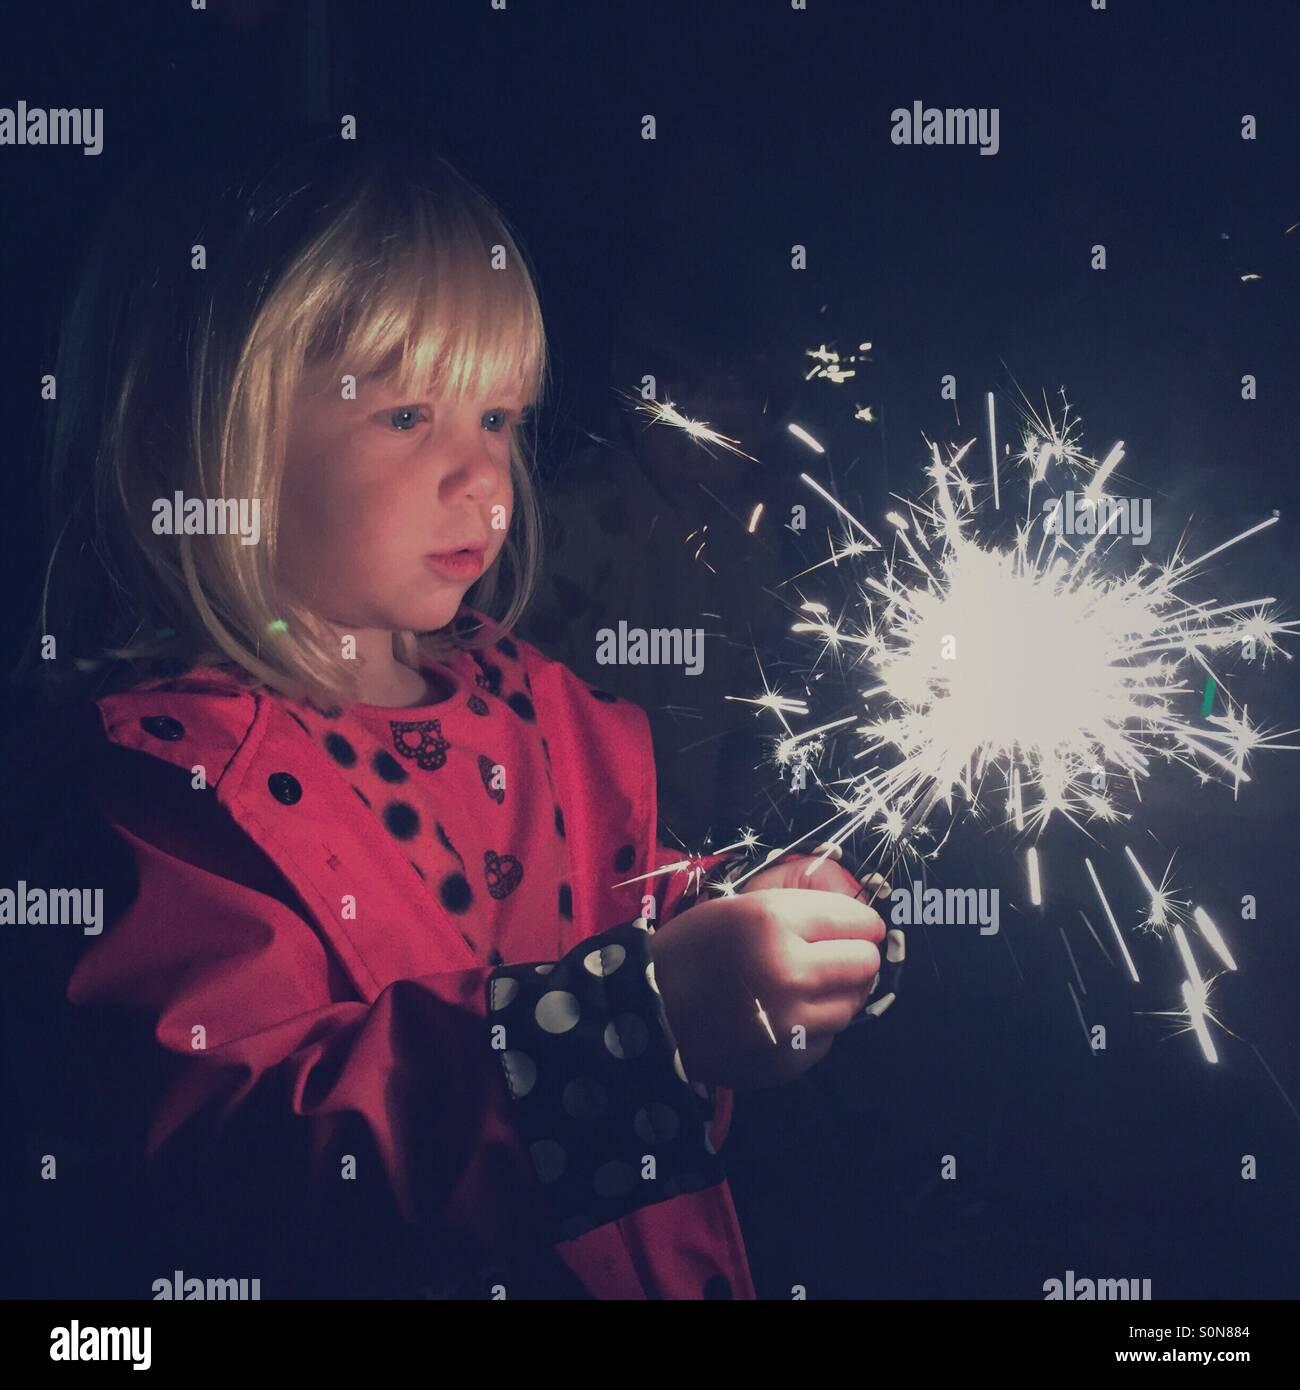 Bionda e giovane ragazza caucasica guarda attentamente come un sparkler lei tiene illumina il suo volto. Foto Stock